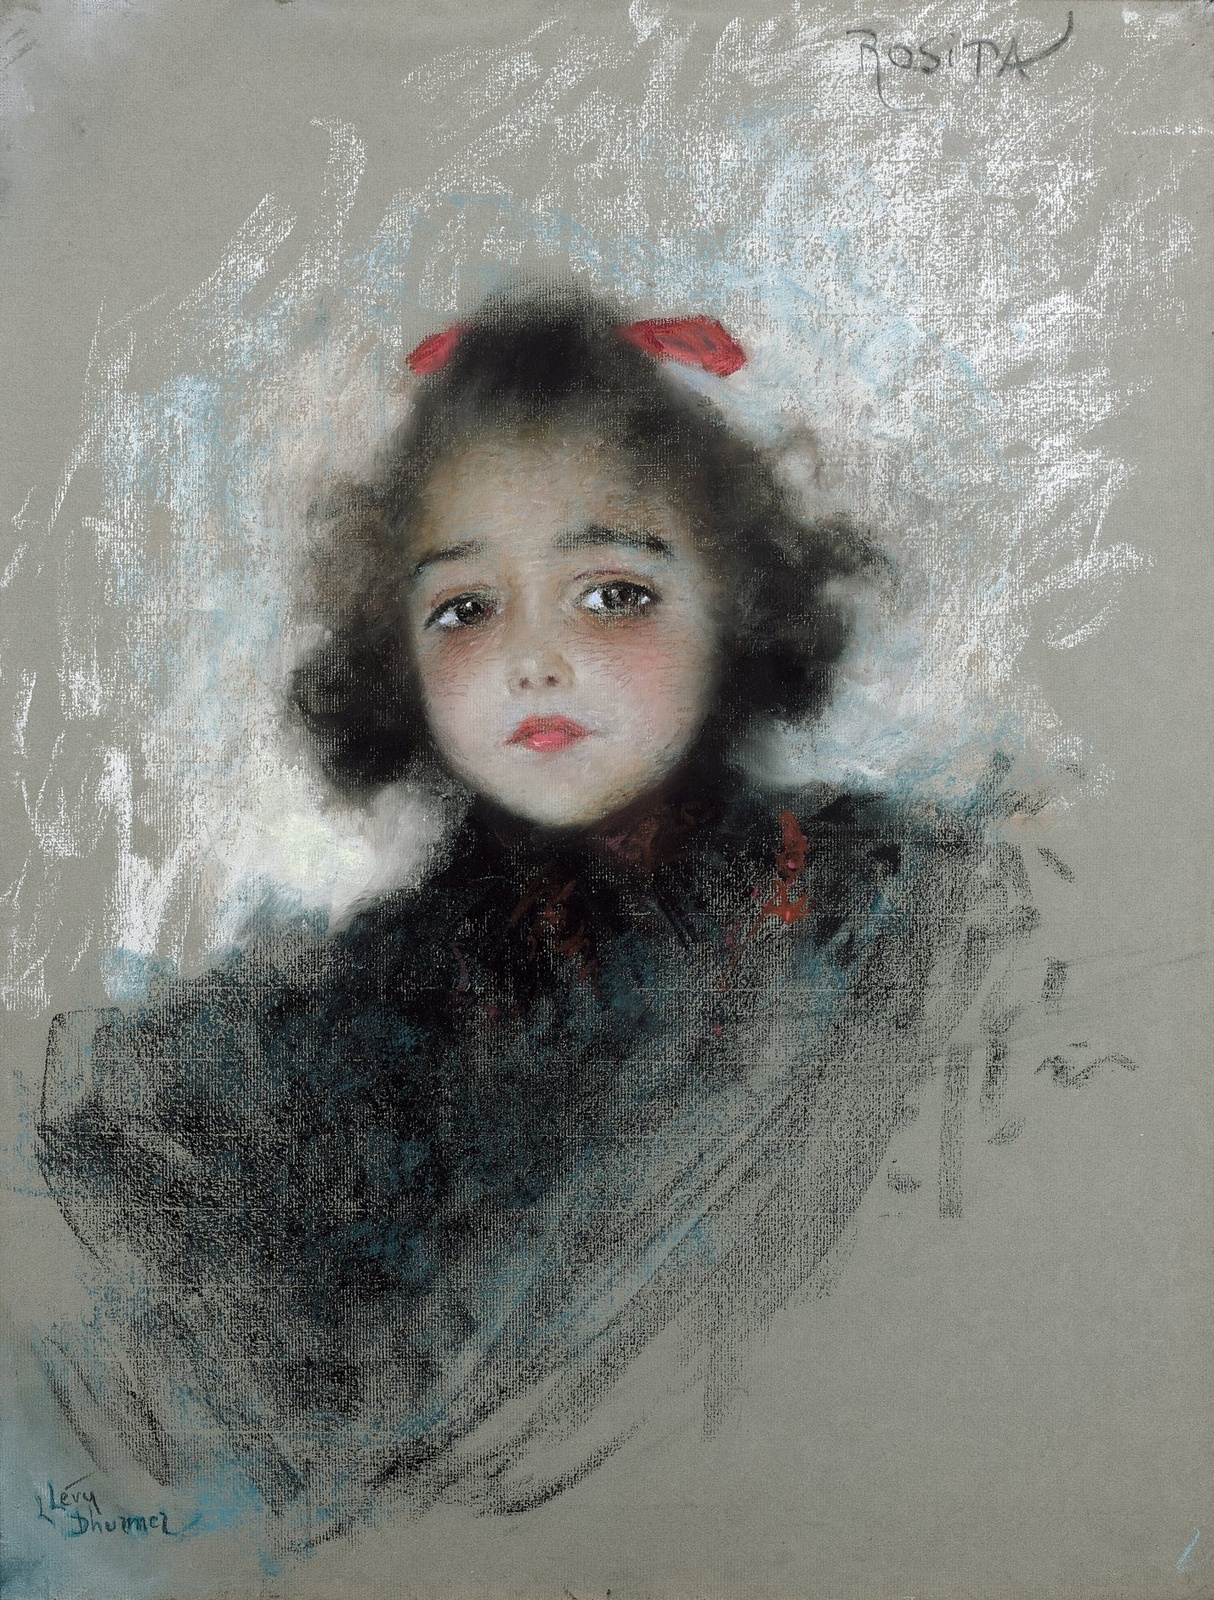 Портрет Розиты (Portrait de Rosita)_61 х 46.5_пастель_Частное собрание.jpg